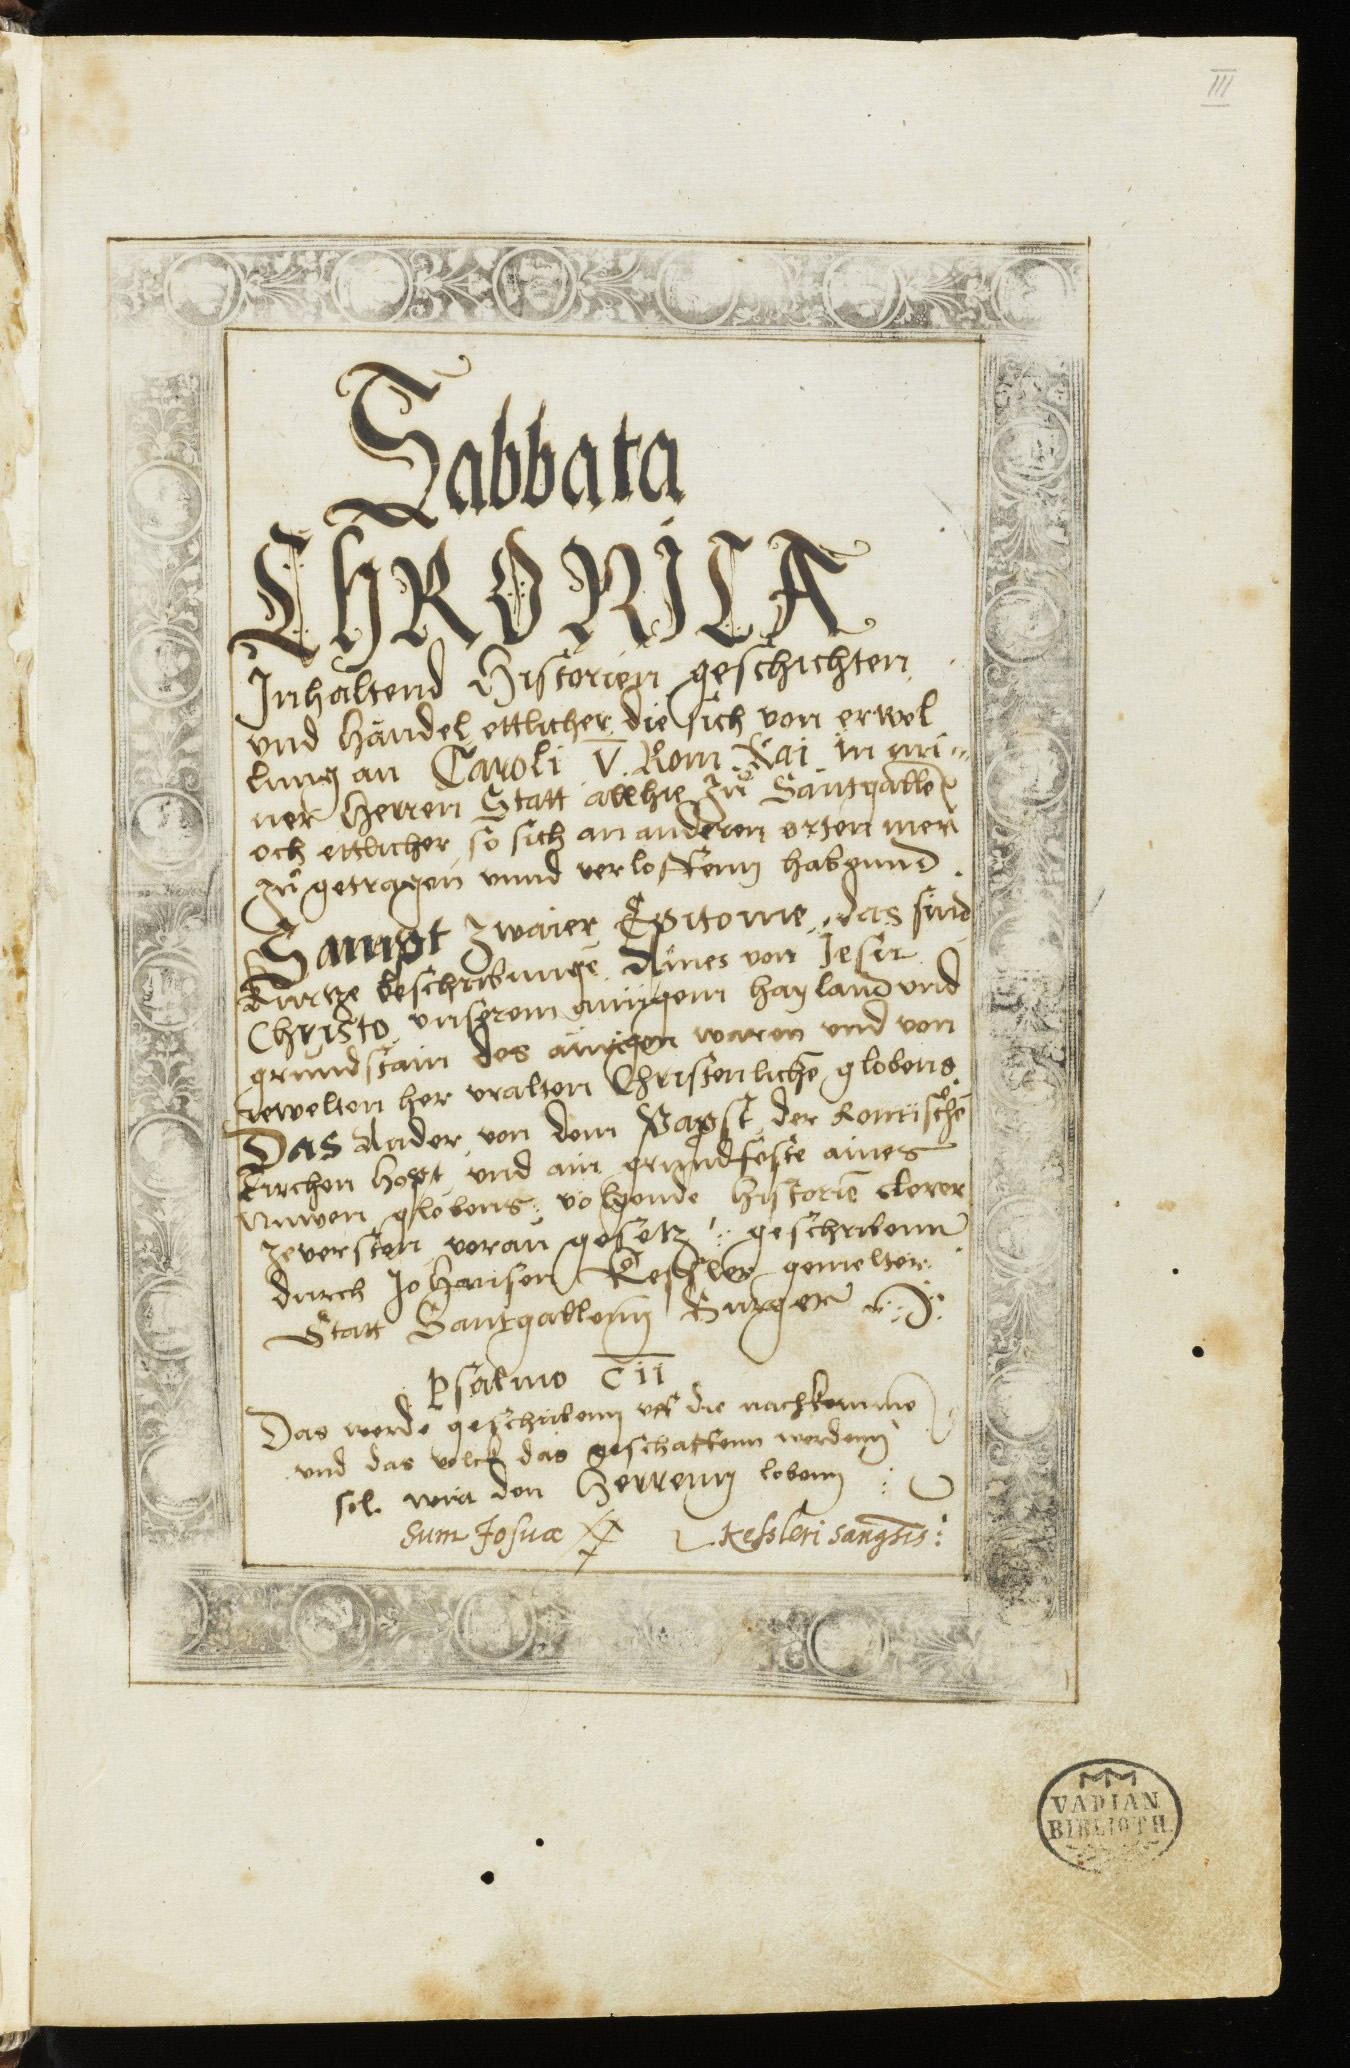 St. Galler Reformationschronik – Die Sabbata von Johannes Kessler, 1527–1544/5